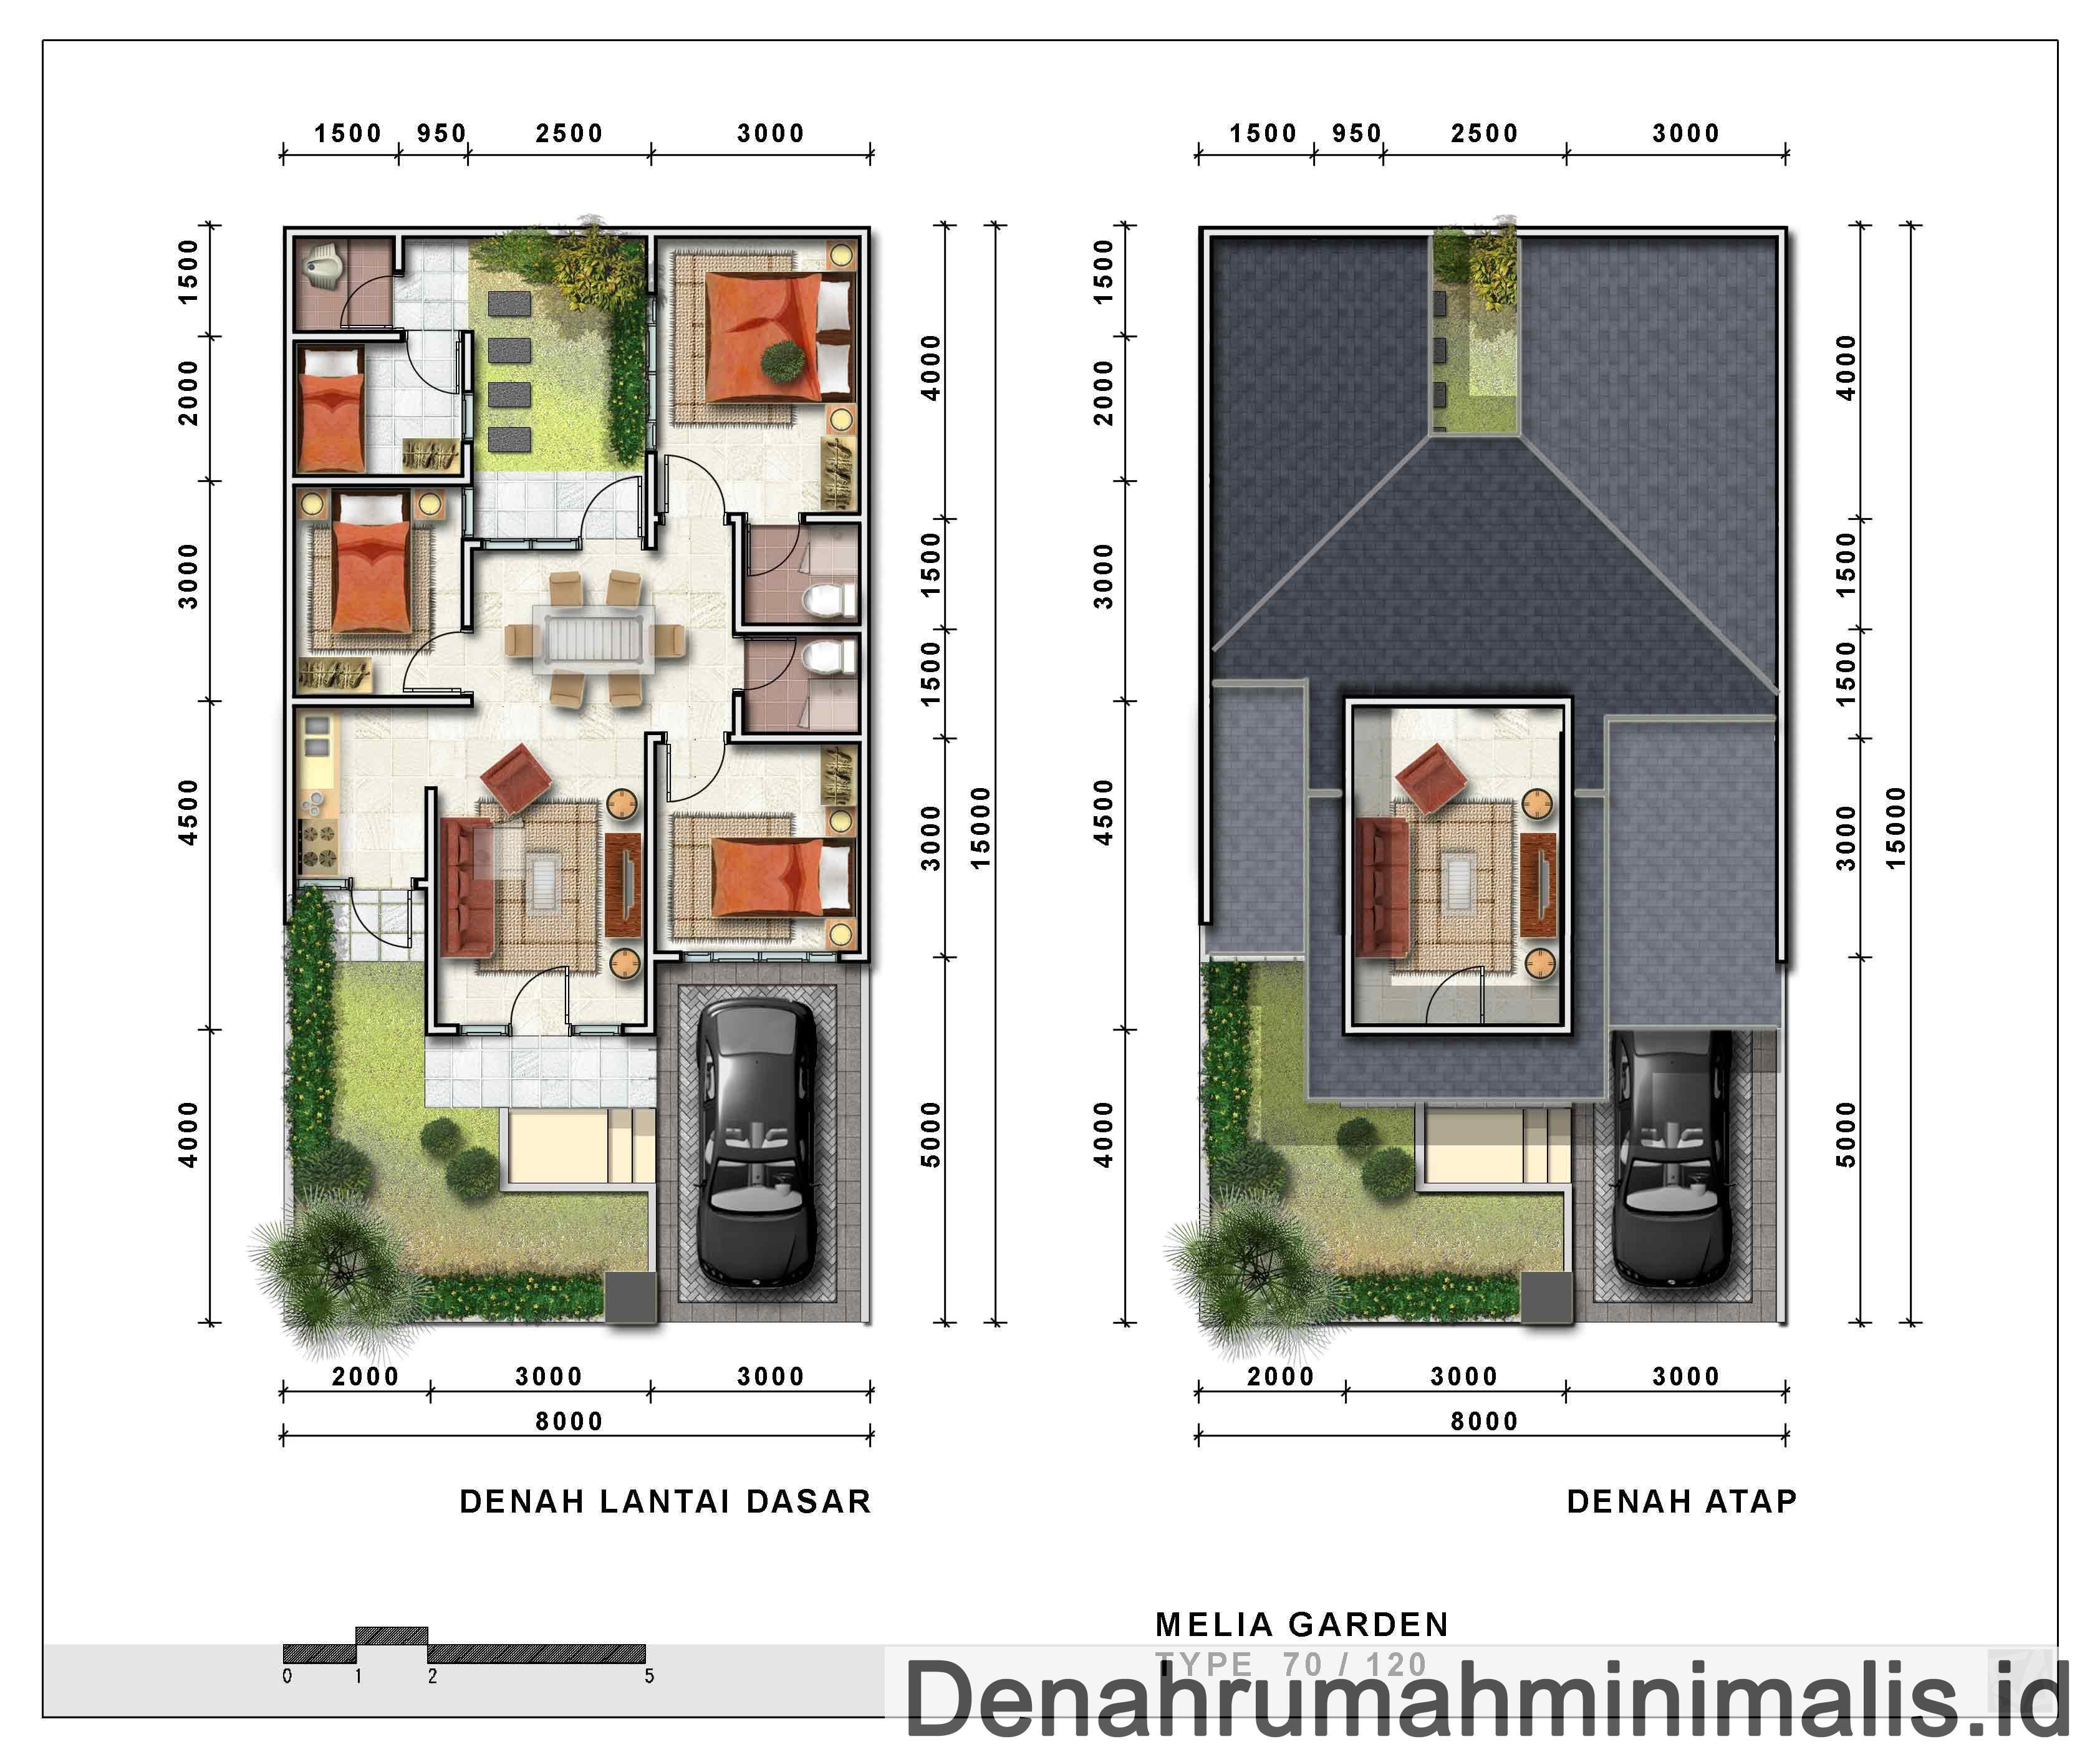 Desain Denah Rumah Minimalis 2 Lantai Sederhana Lengkap ...